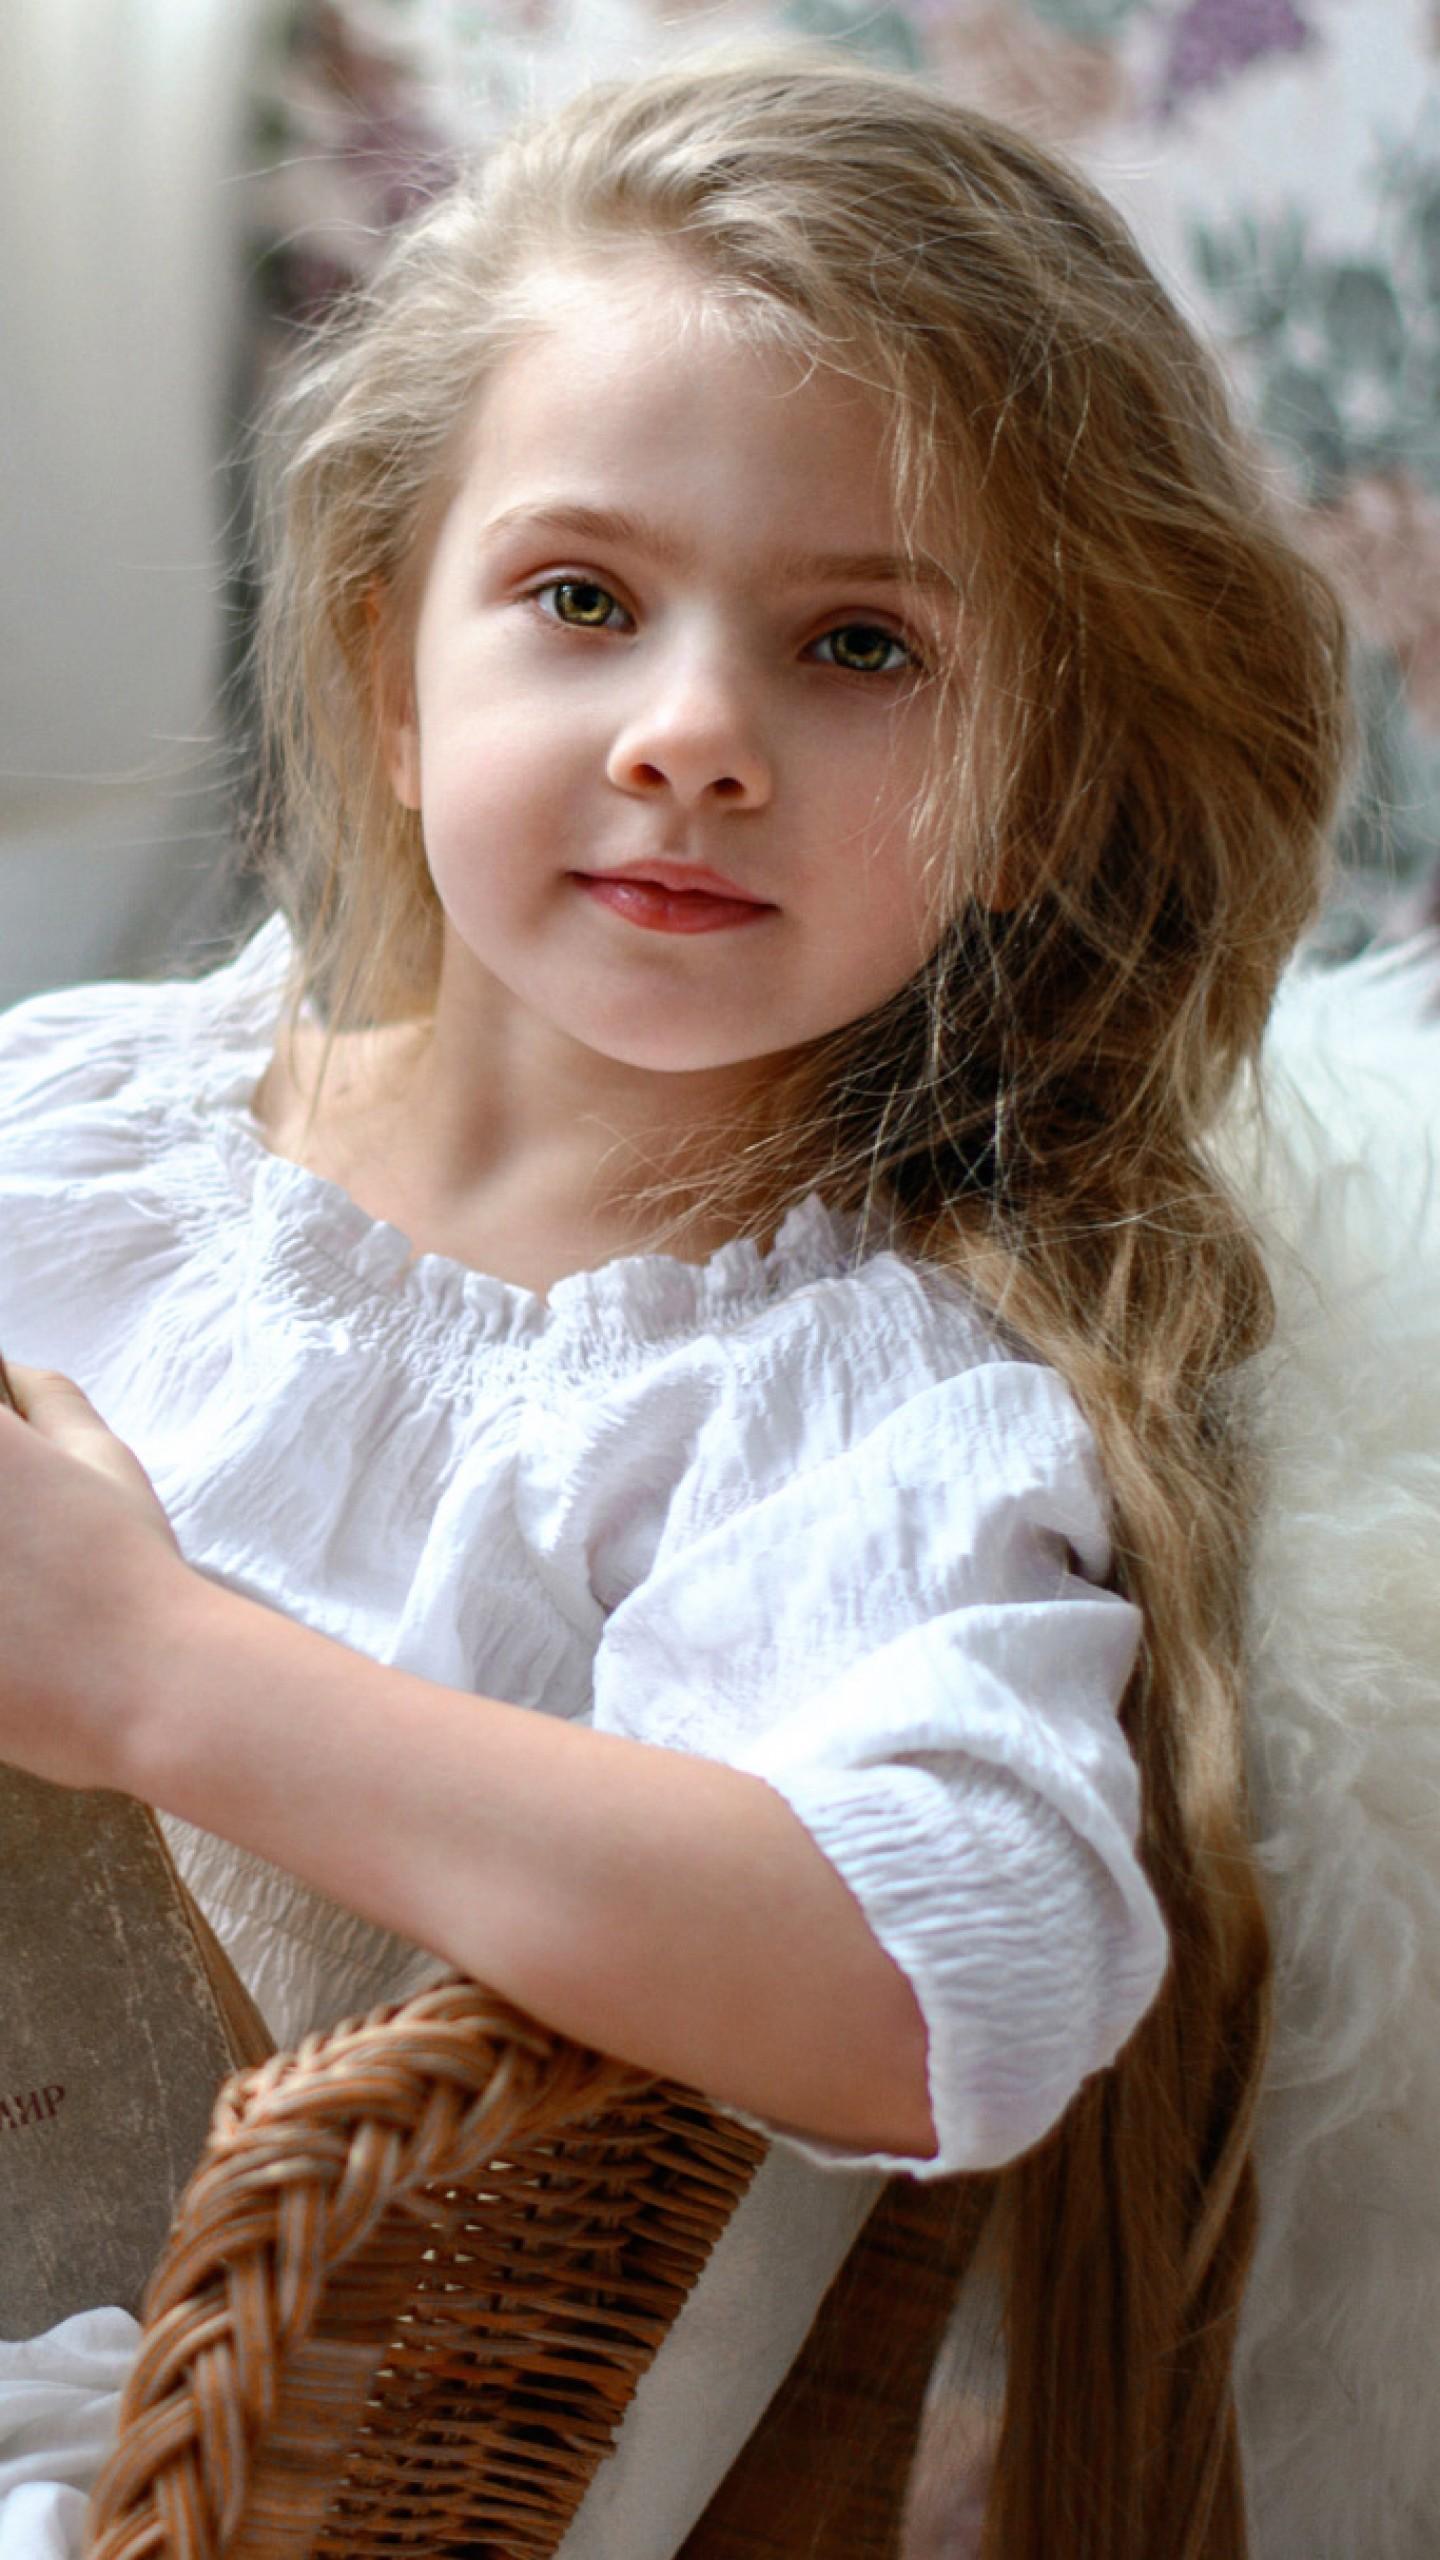 عکس زمینه دختر بچه با چشمان زیبا در حال کتاب خواندن پس زمینه